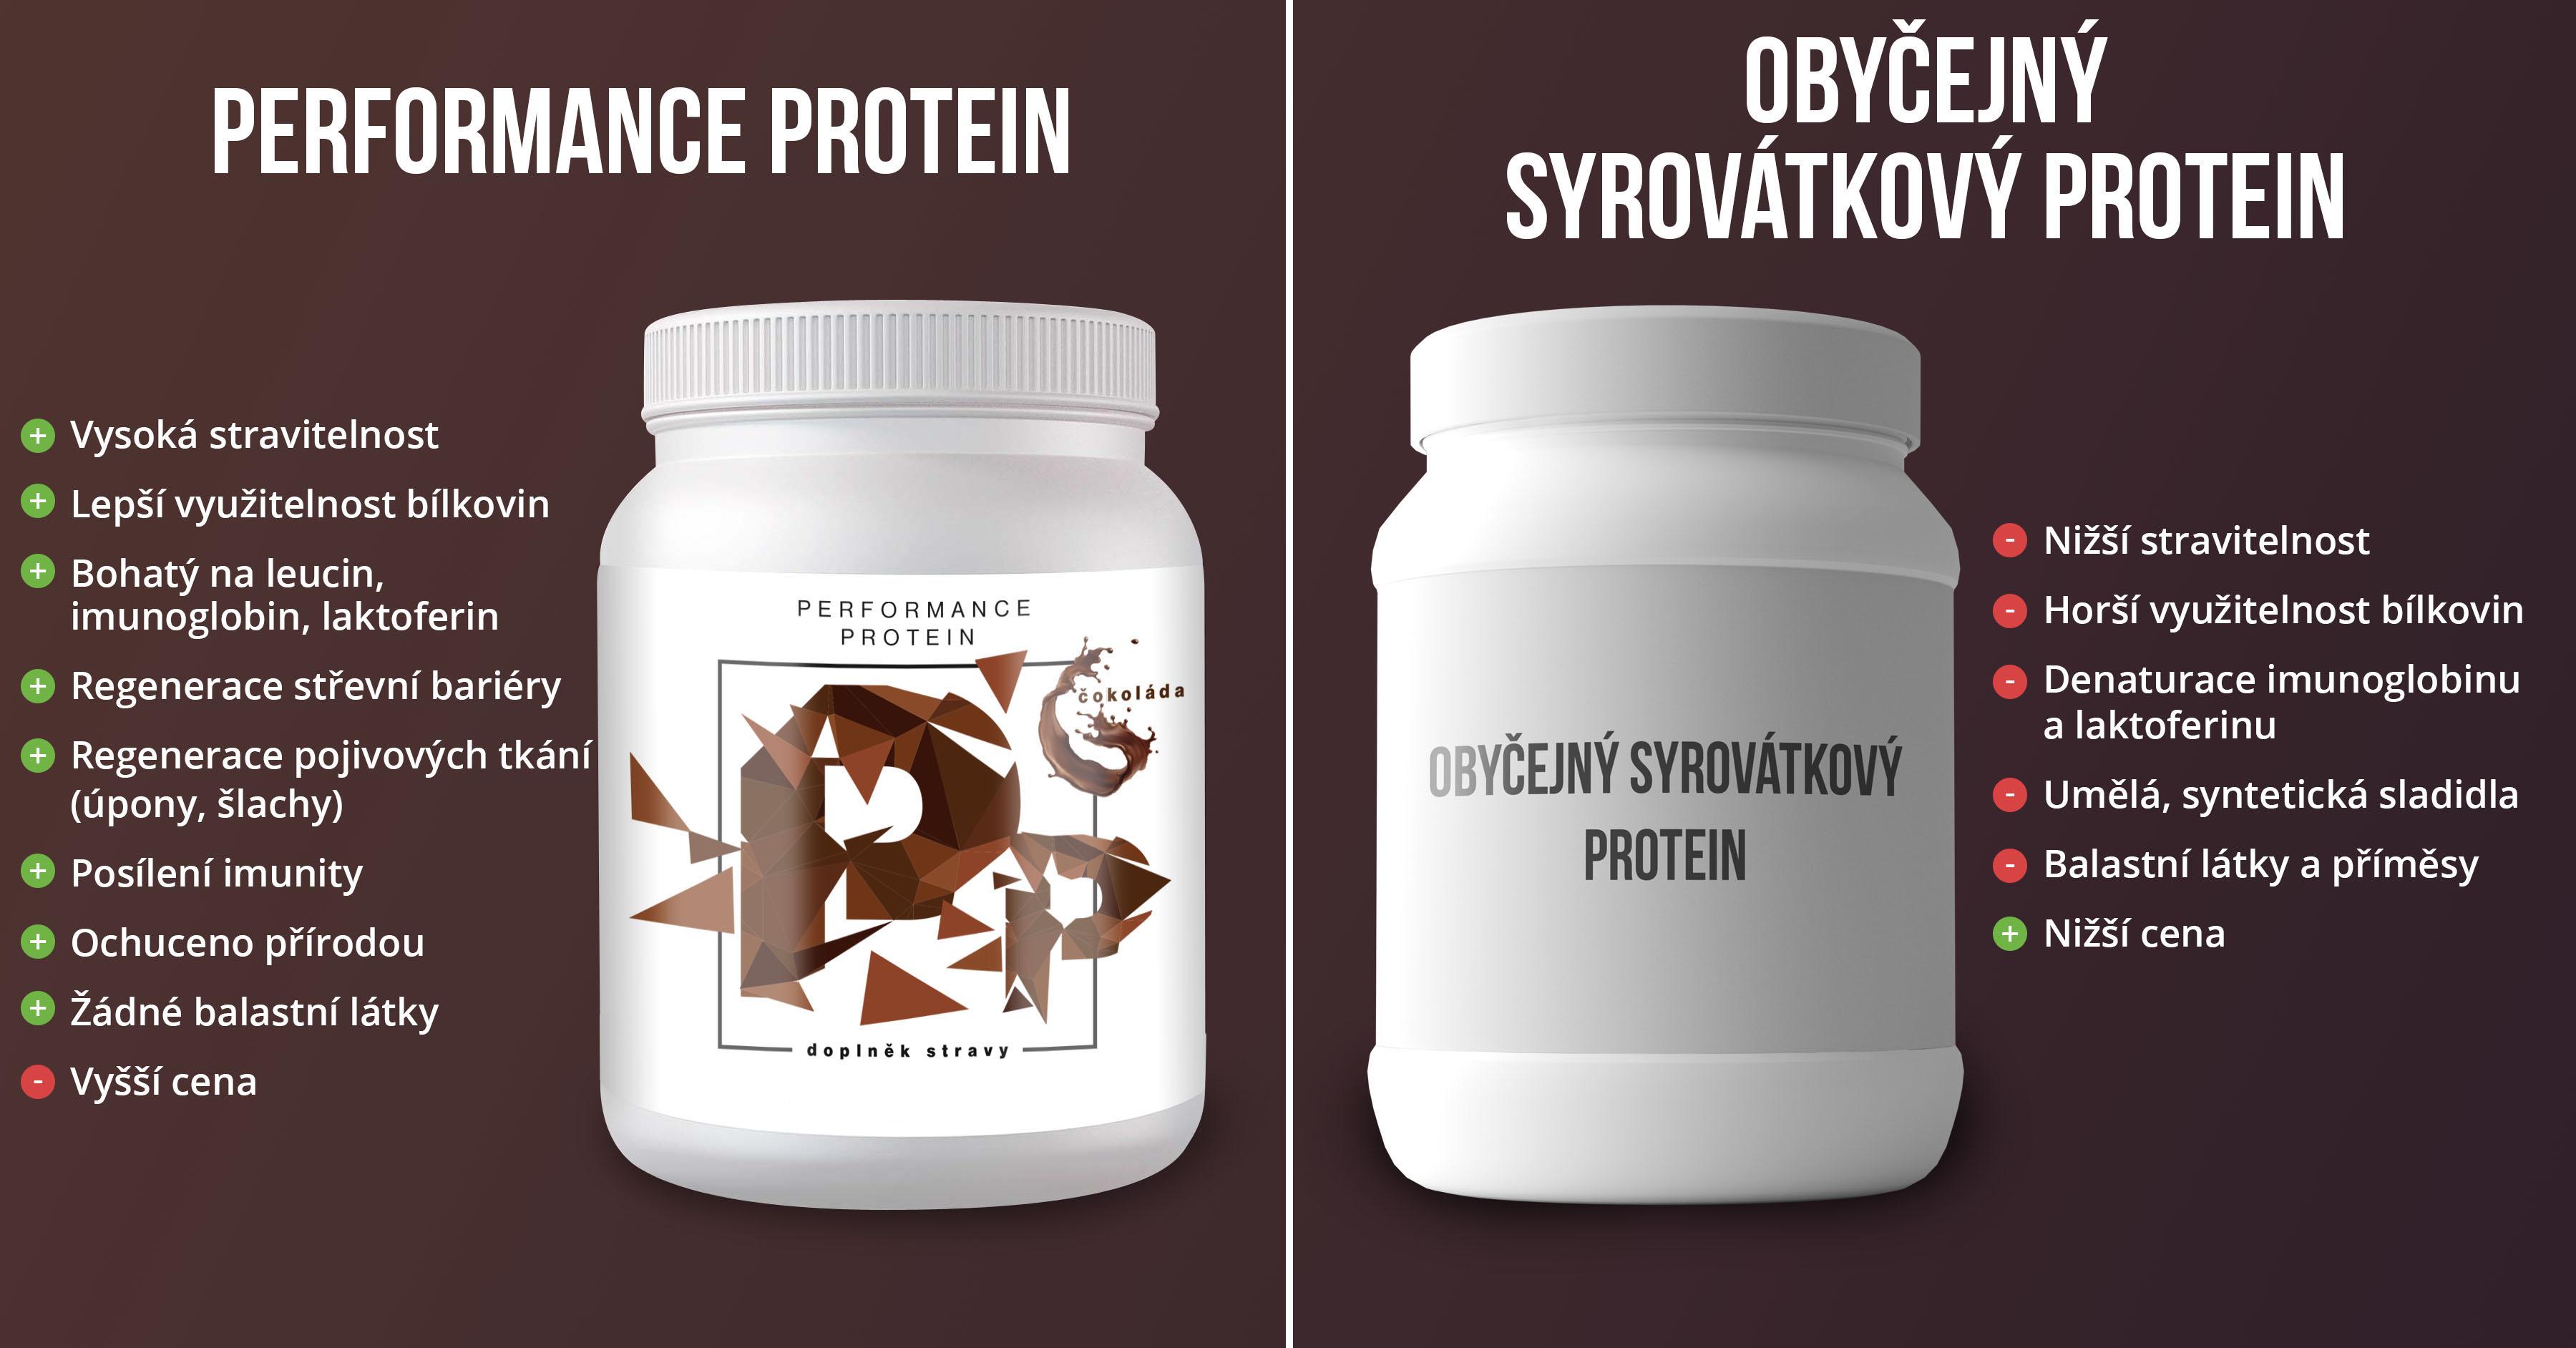 Porovnanie-protein4